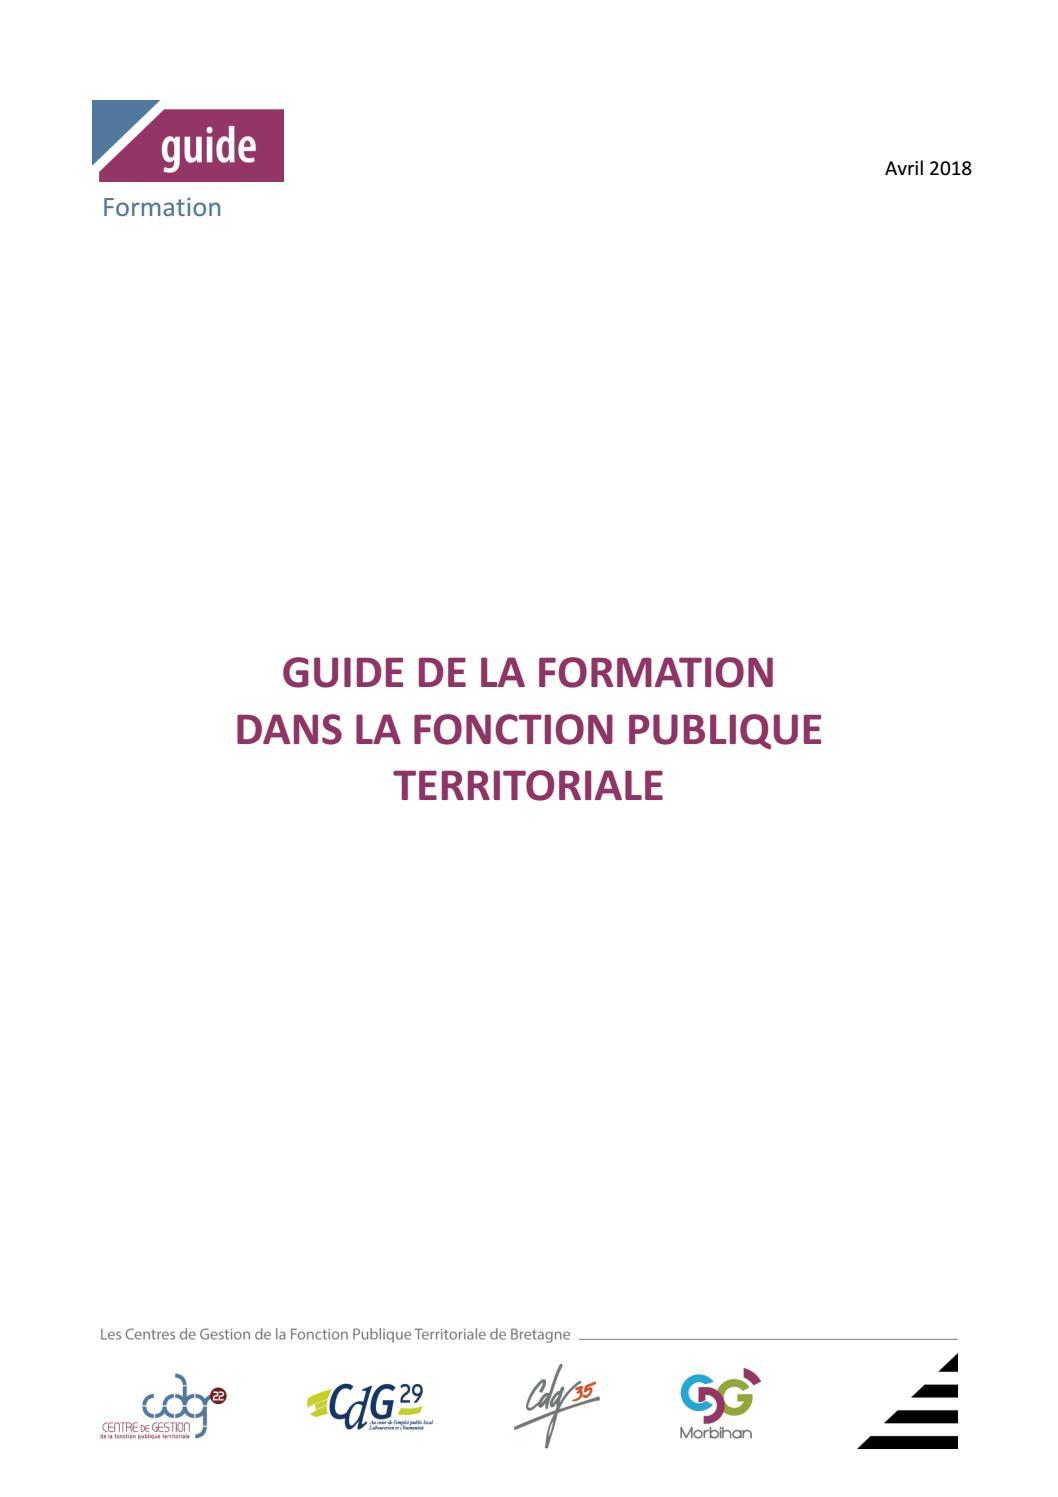 54f116243ac Guide de la formation dans la fonction publique territoriale by CDG 35 -  issuu